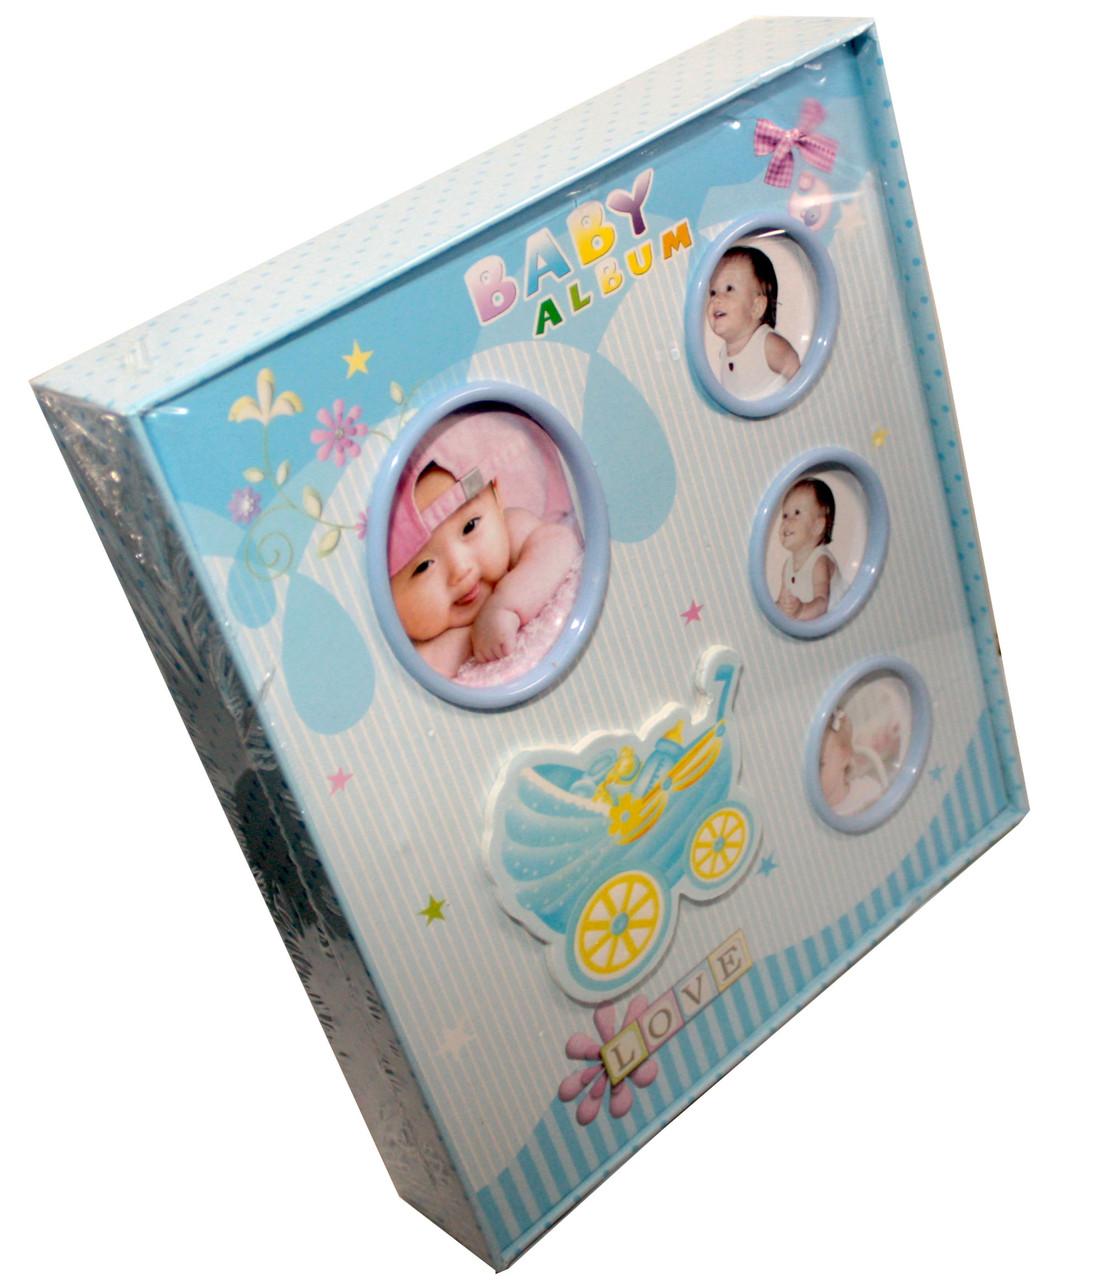 """Фотоальбомы """"Baby"""" в коробке"""